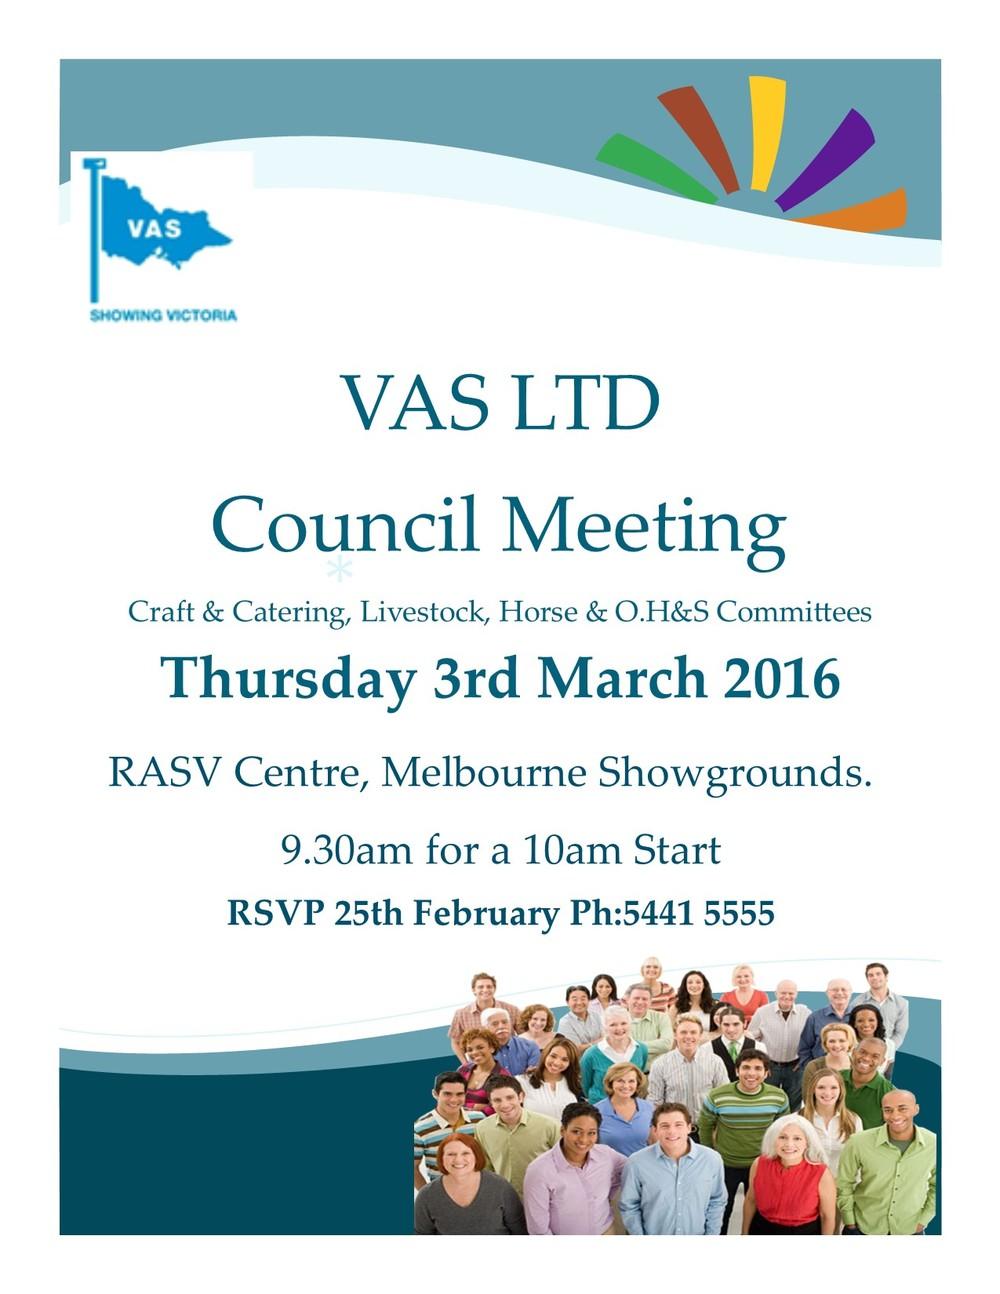 Next Council Meeting Flyer.jpg